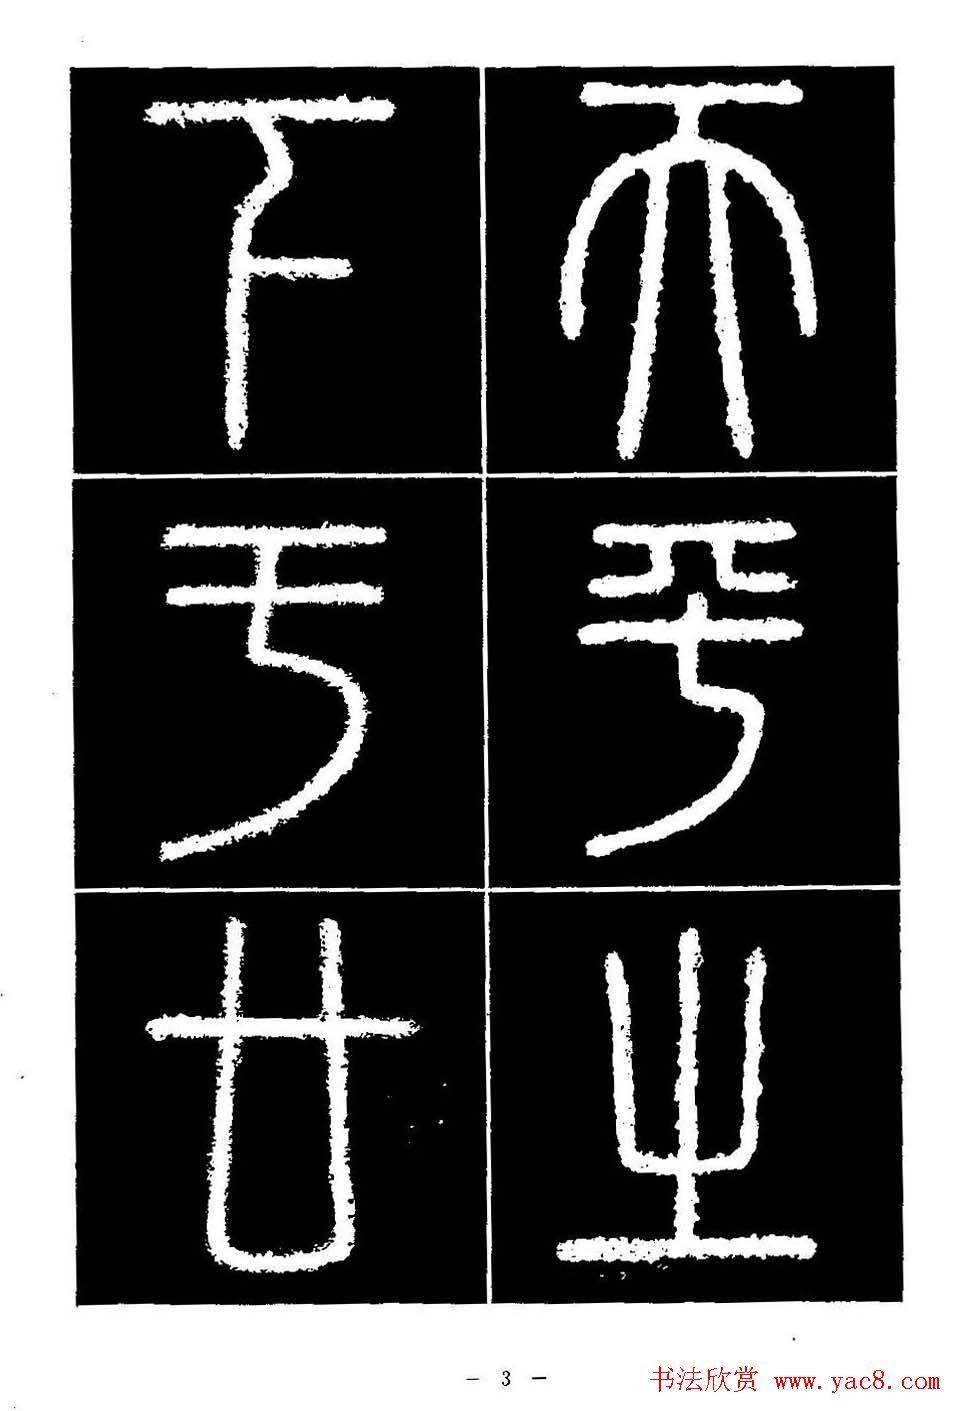 篆书字帖欣赏《秦·泰山刻石》大图